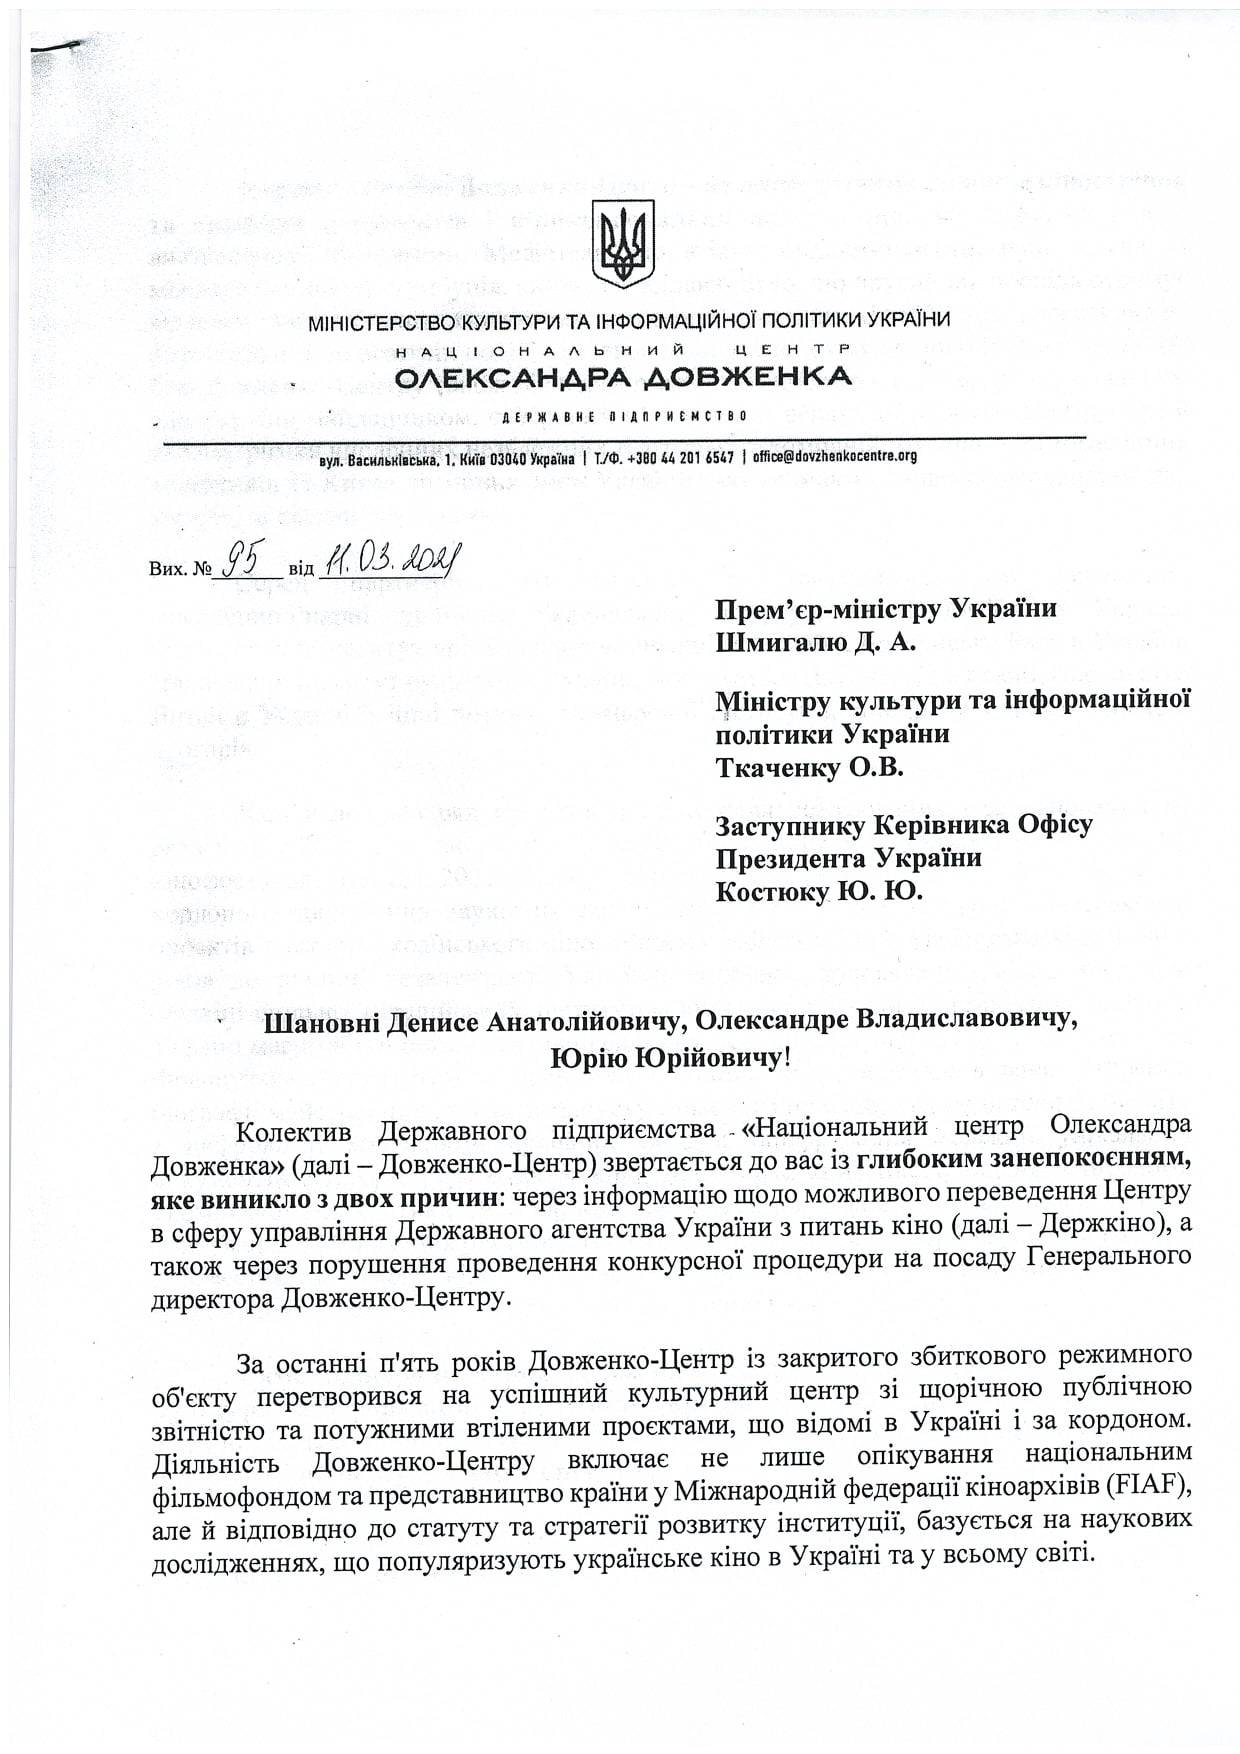 Відкритий лист колективу Довженко-Центру про загрозу руйнації інституції